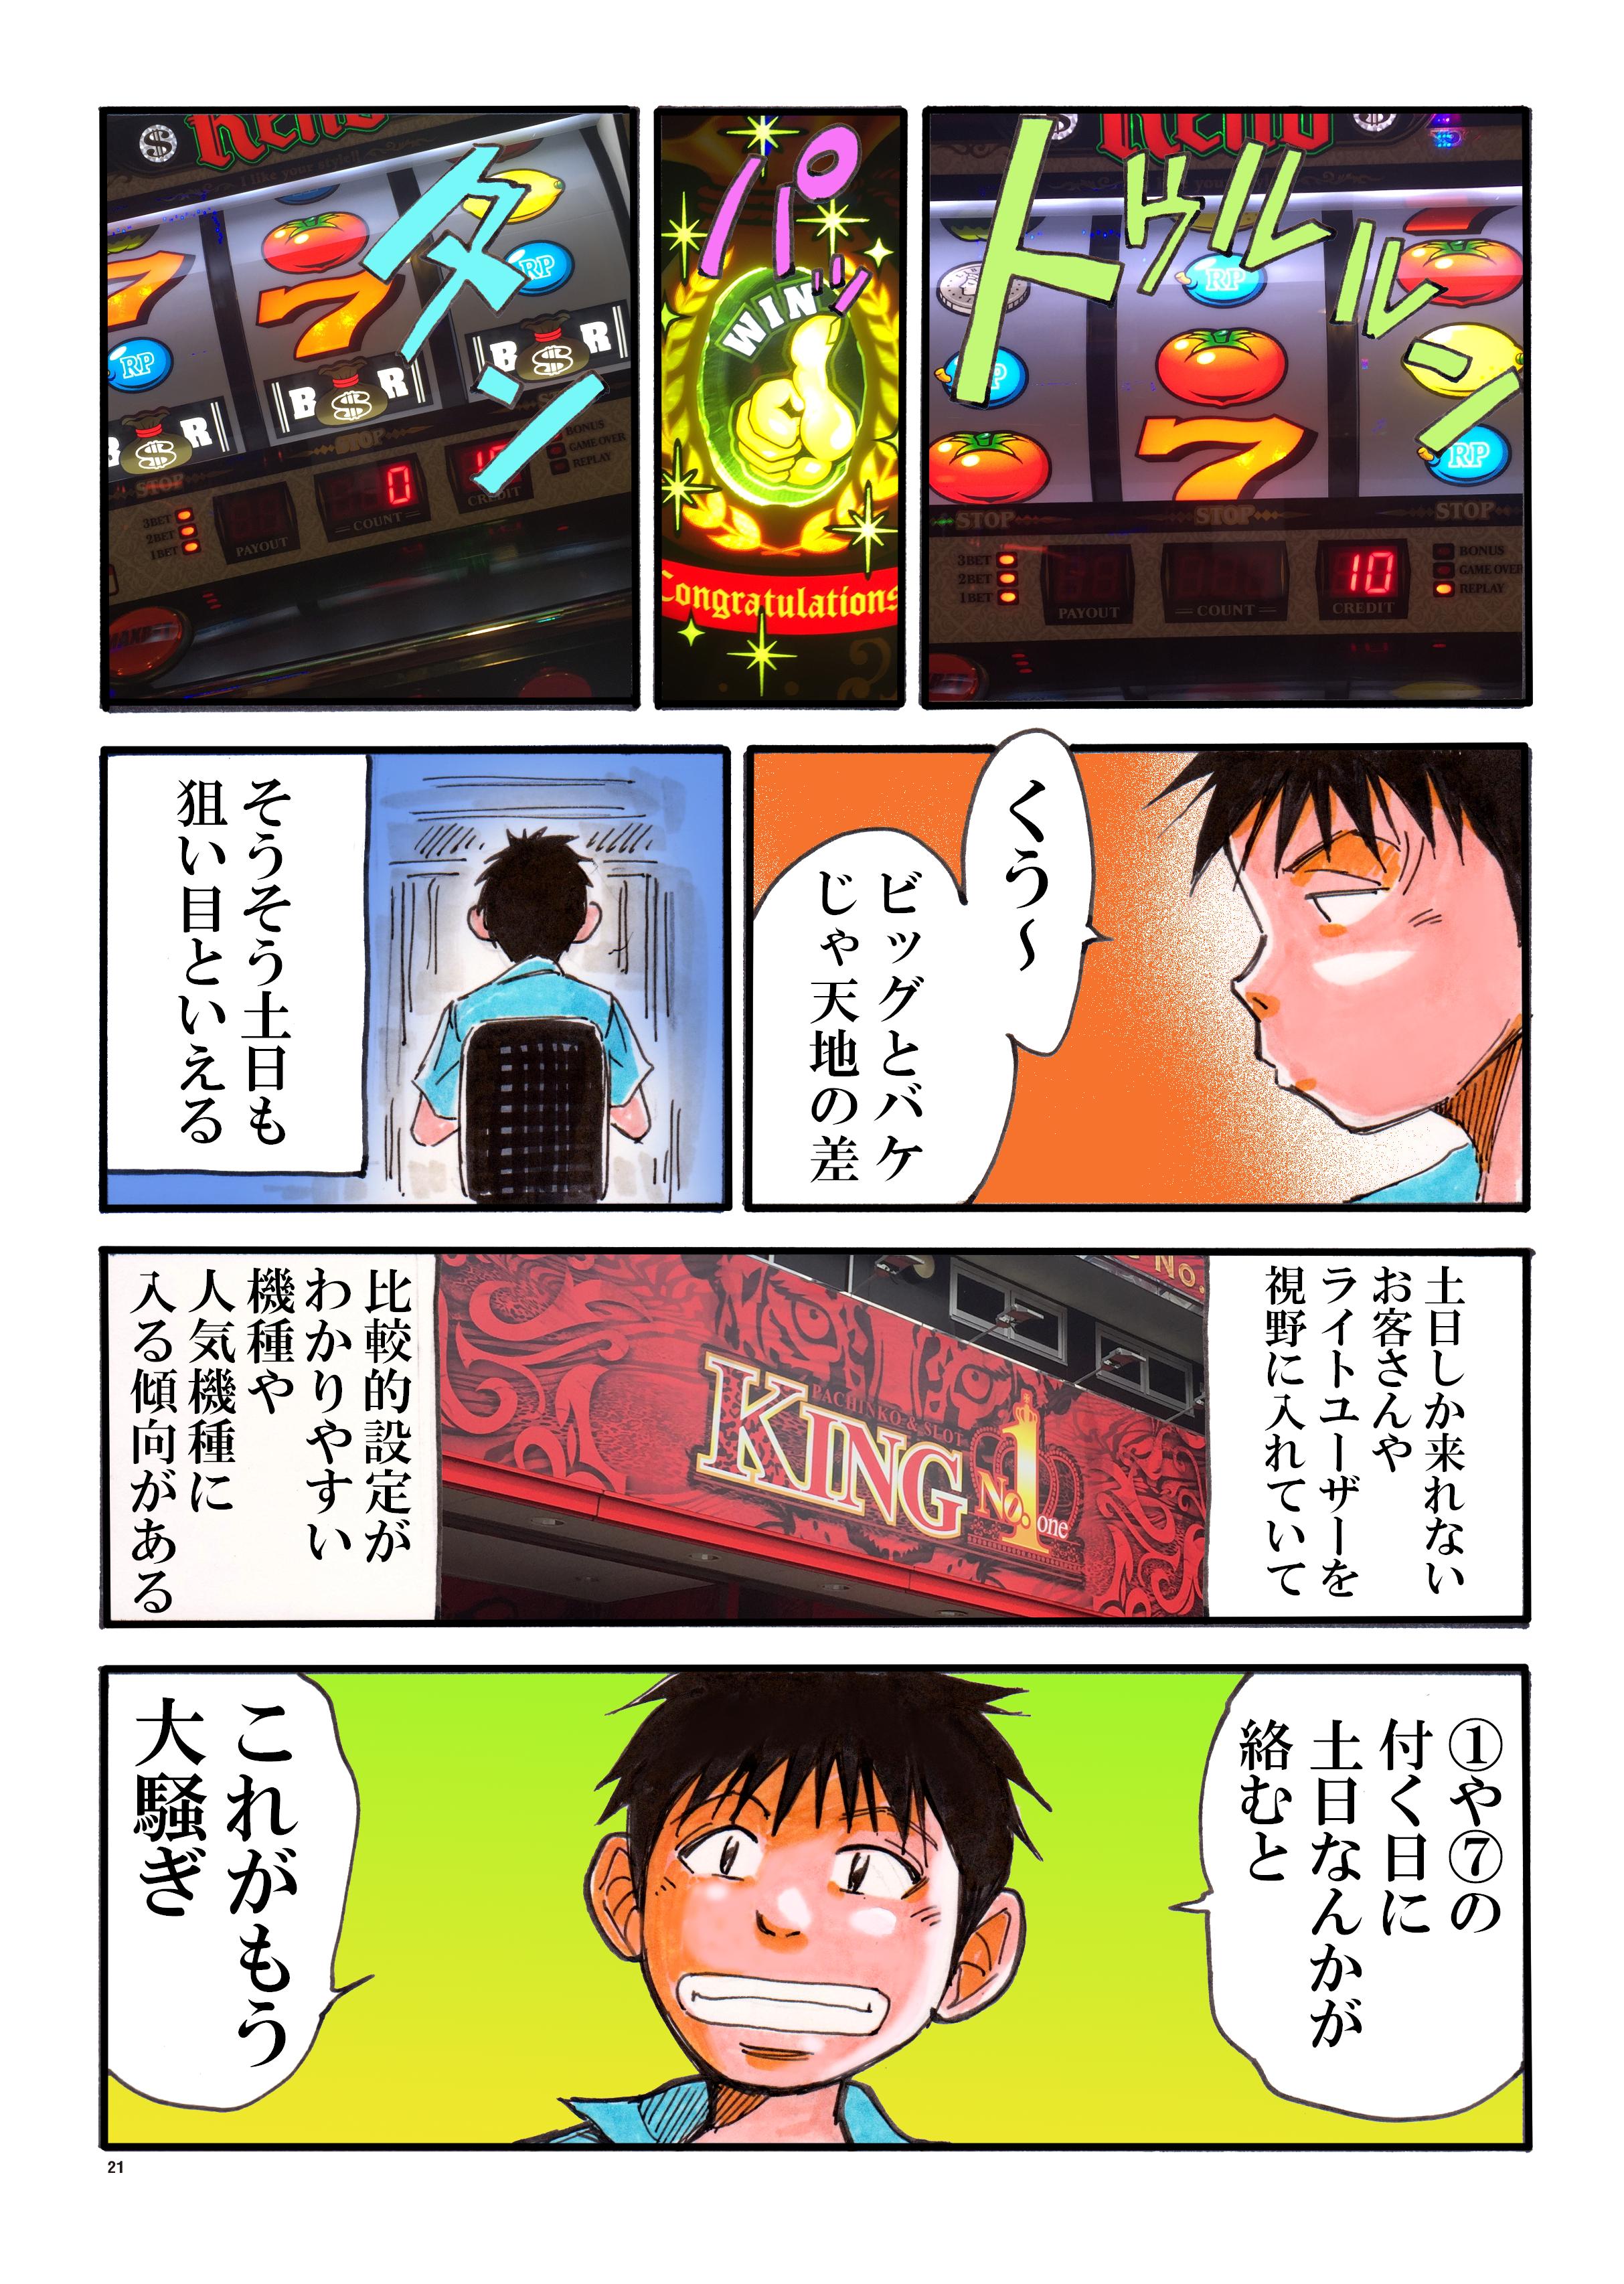 vol.6-3大解析